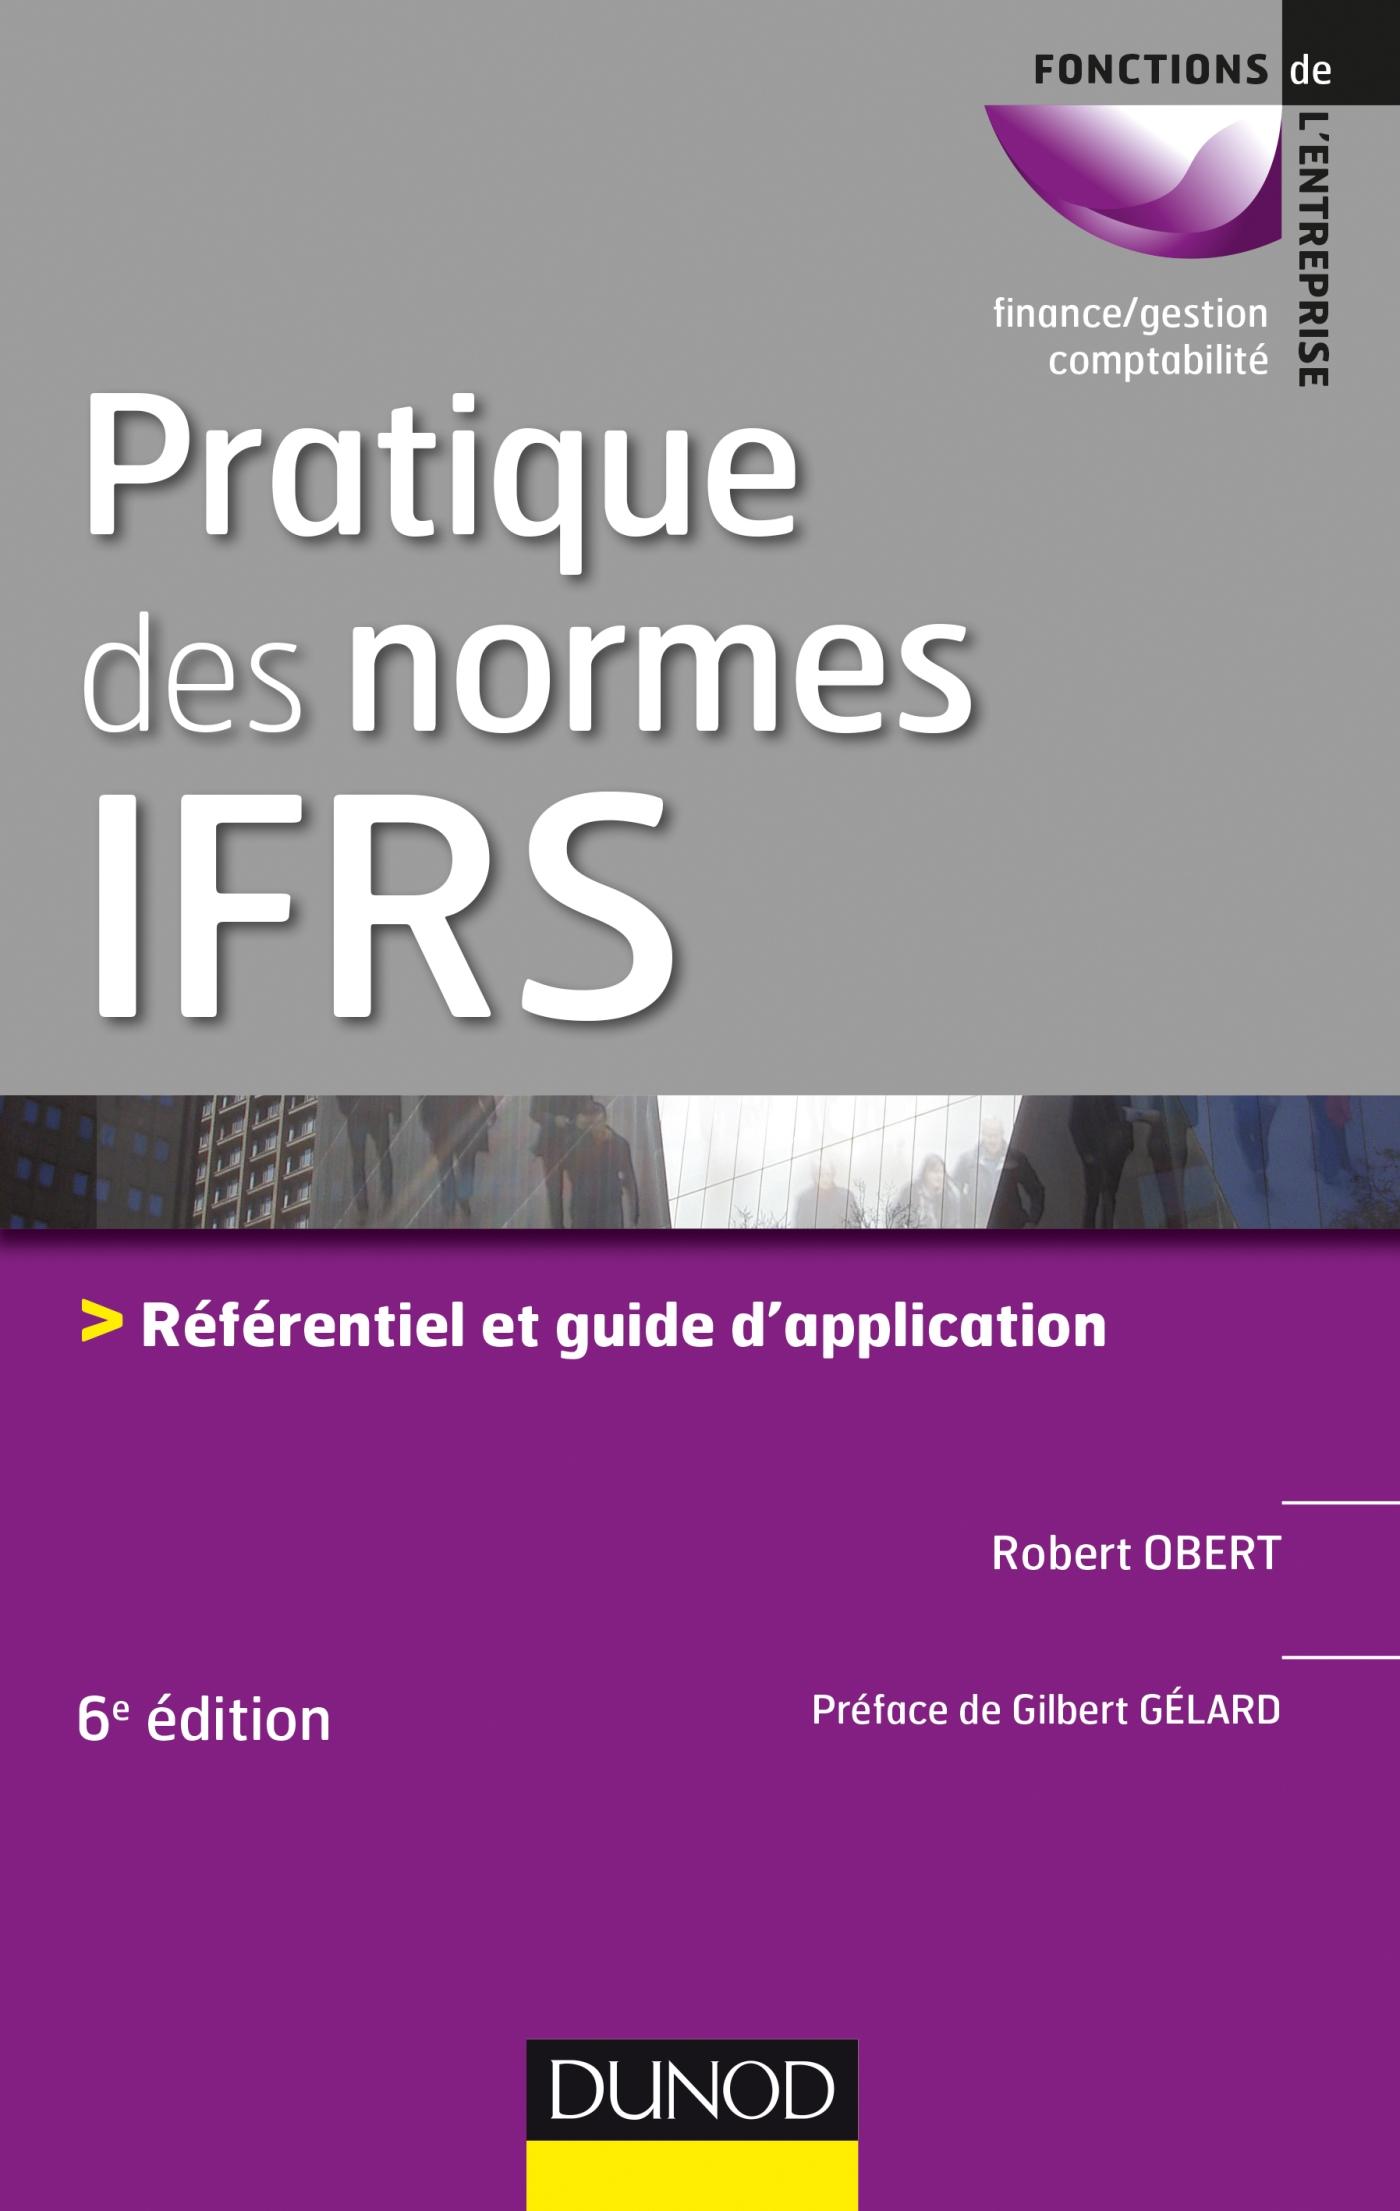 Pratique des normes IFRS - 6e éd.